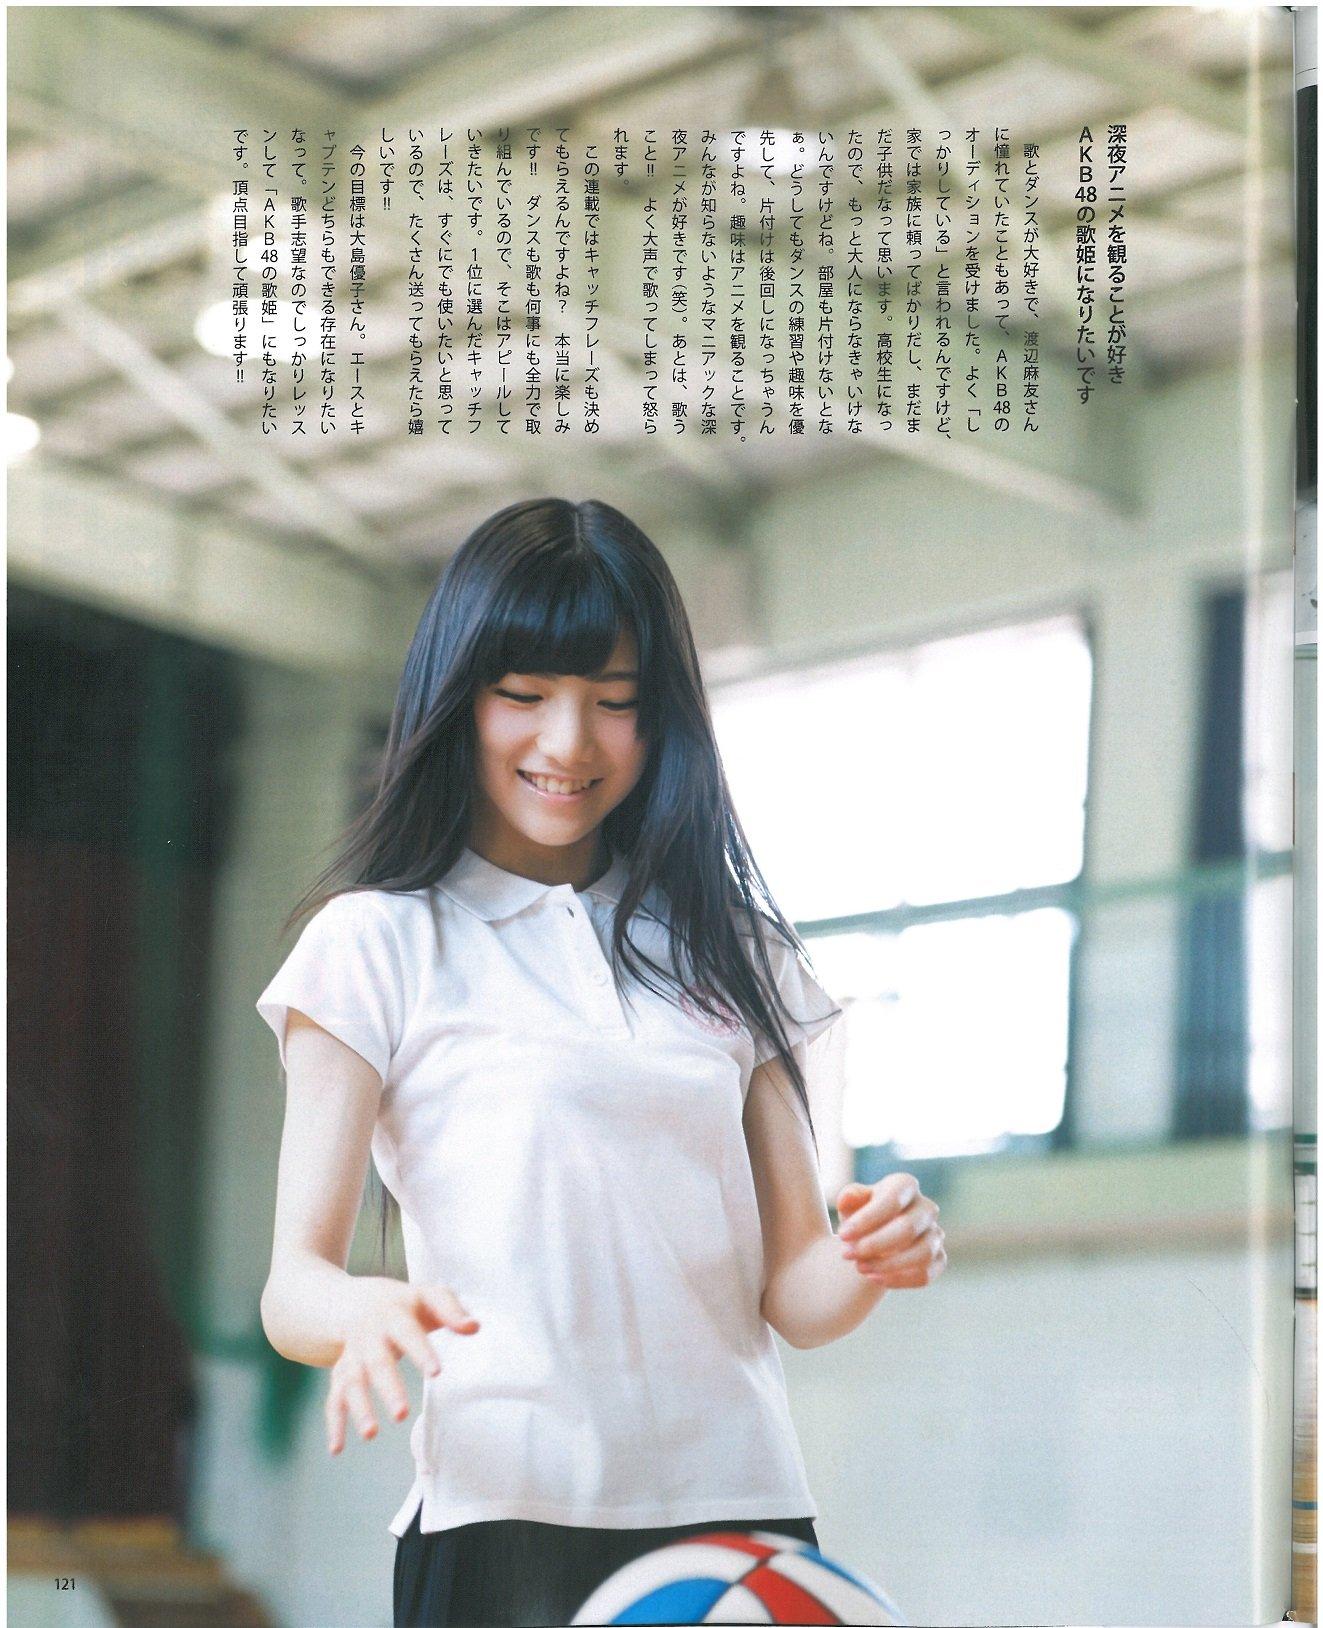 Picture Board → View Picture → Magazine, Okada Nana